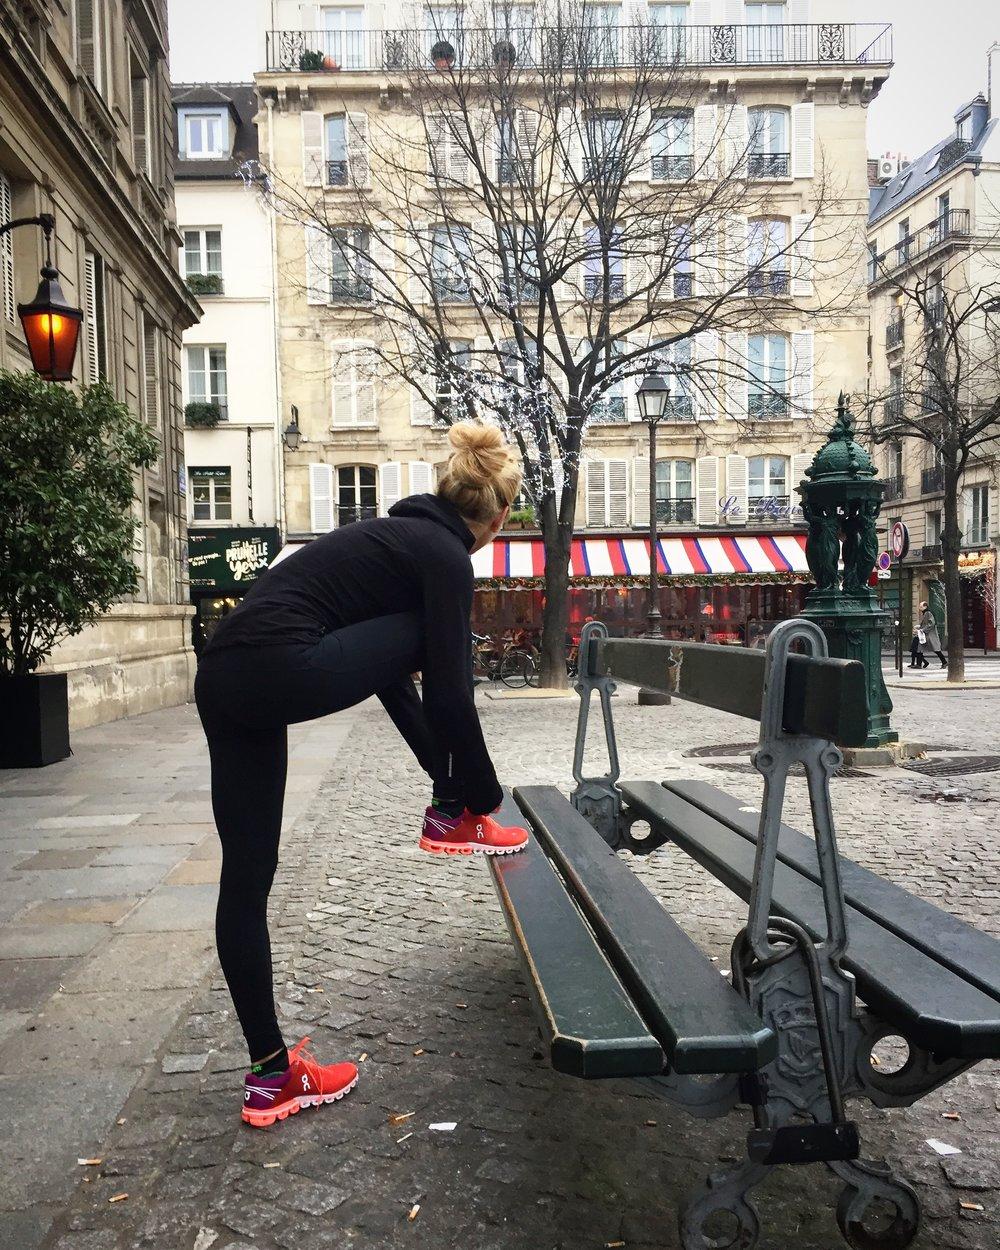 Veste Icebreaker, legging Nike, chaussettes Rywan, chaussures On Running